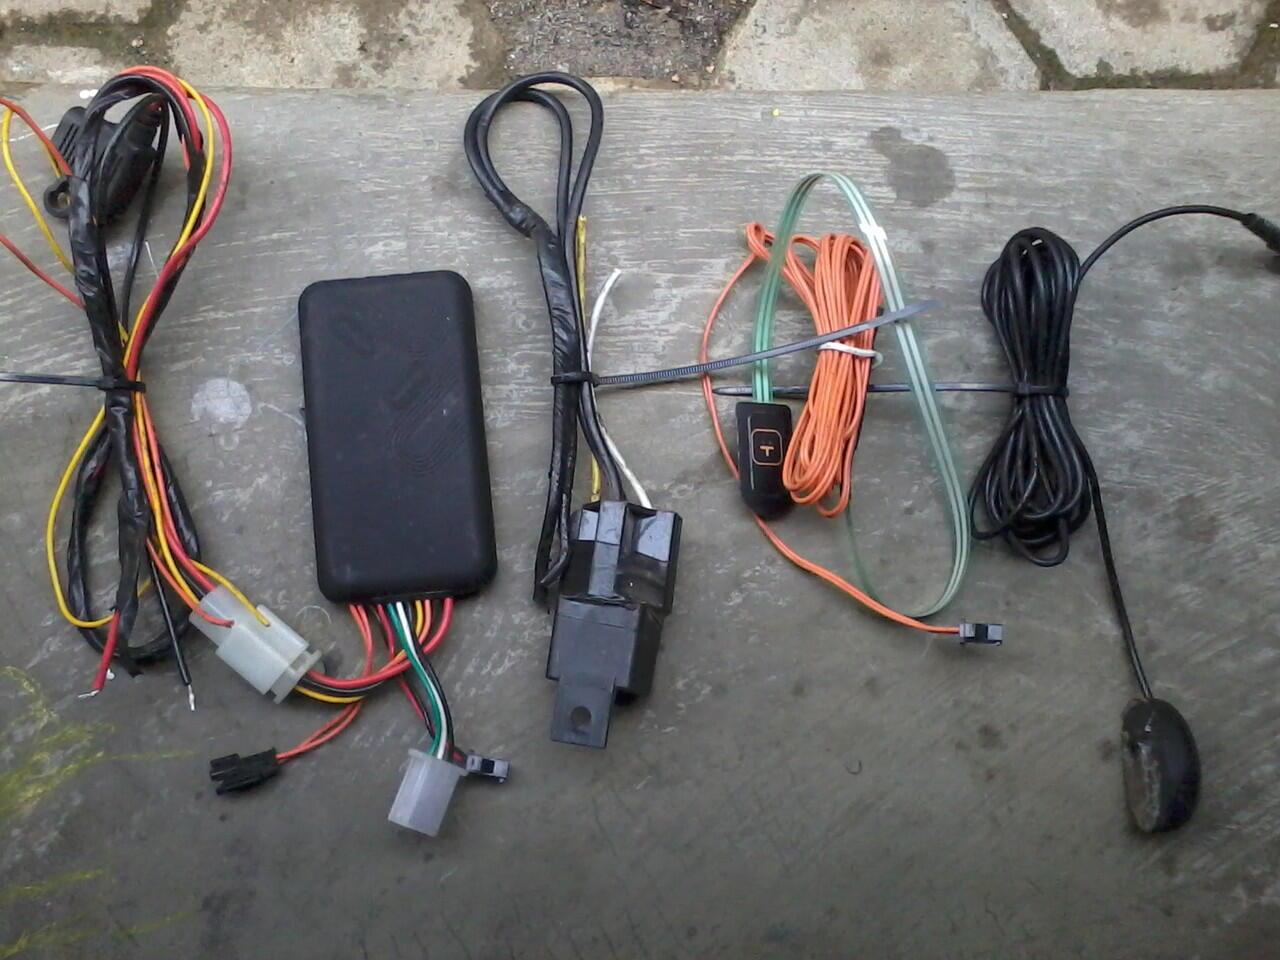 JUAL 2ND GPS TRACKER GT 06 MURAH(500RB)